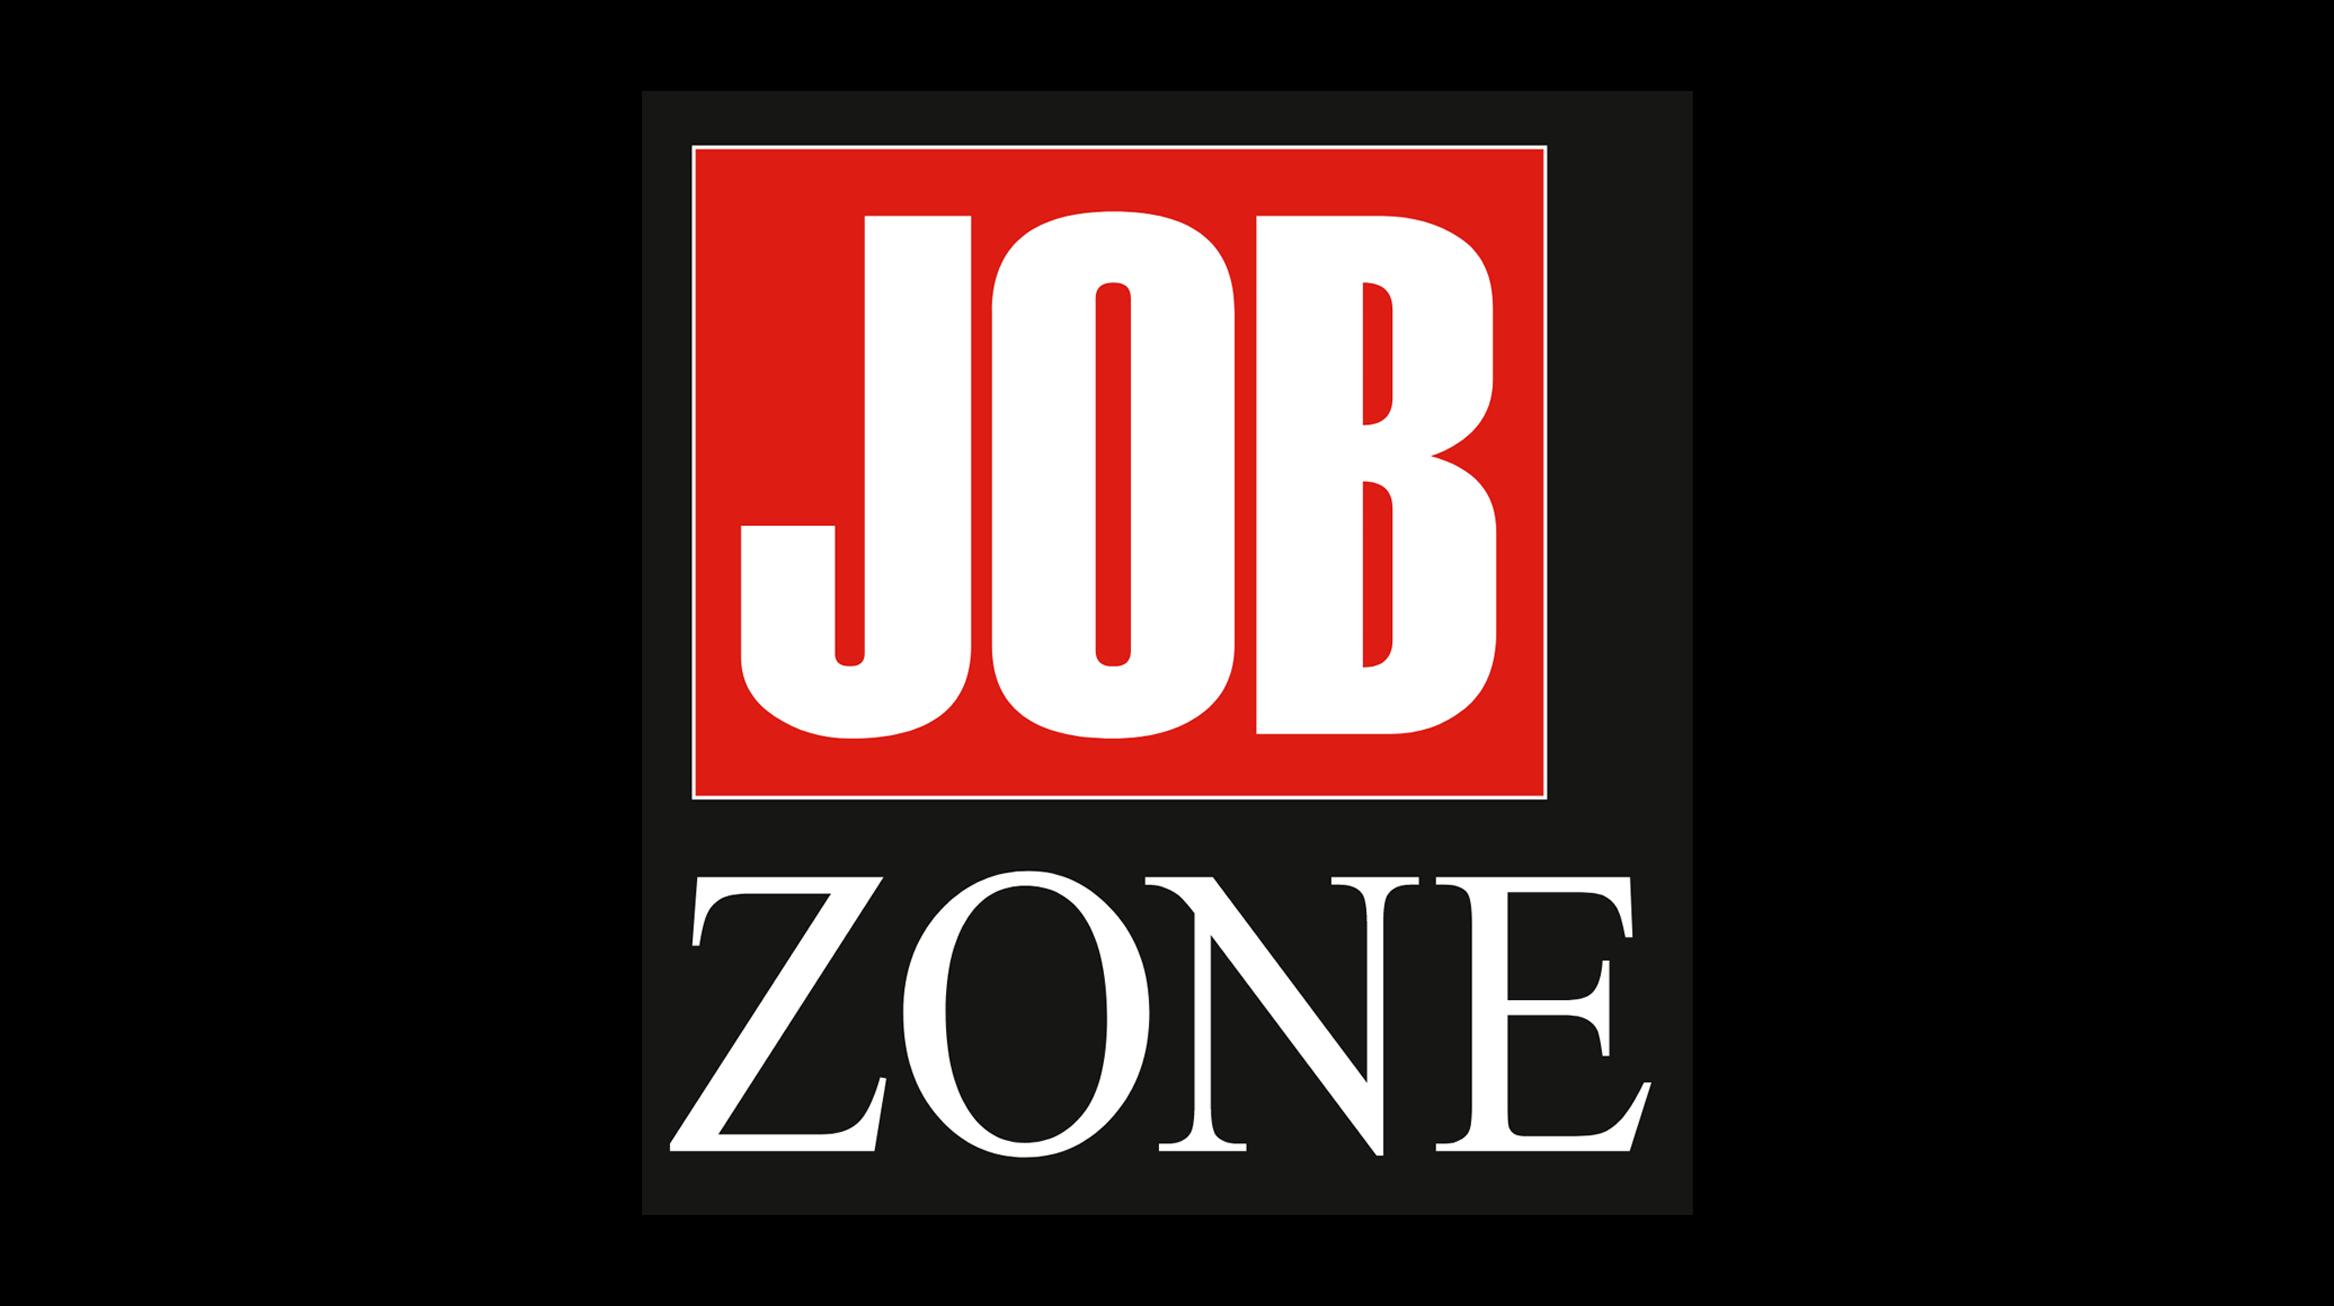 logos_jobzone